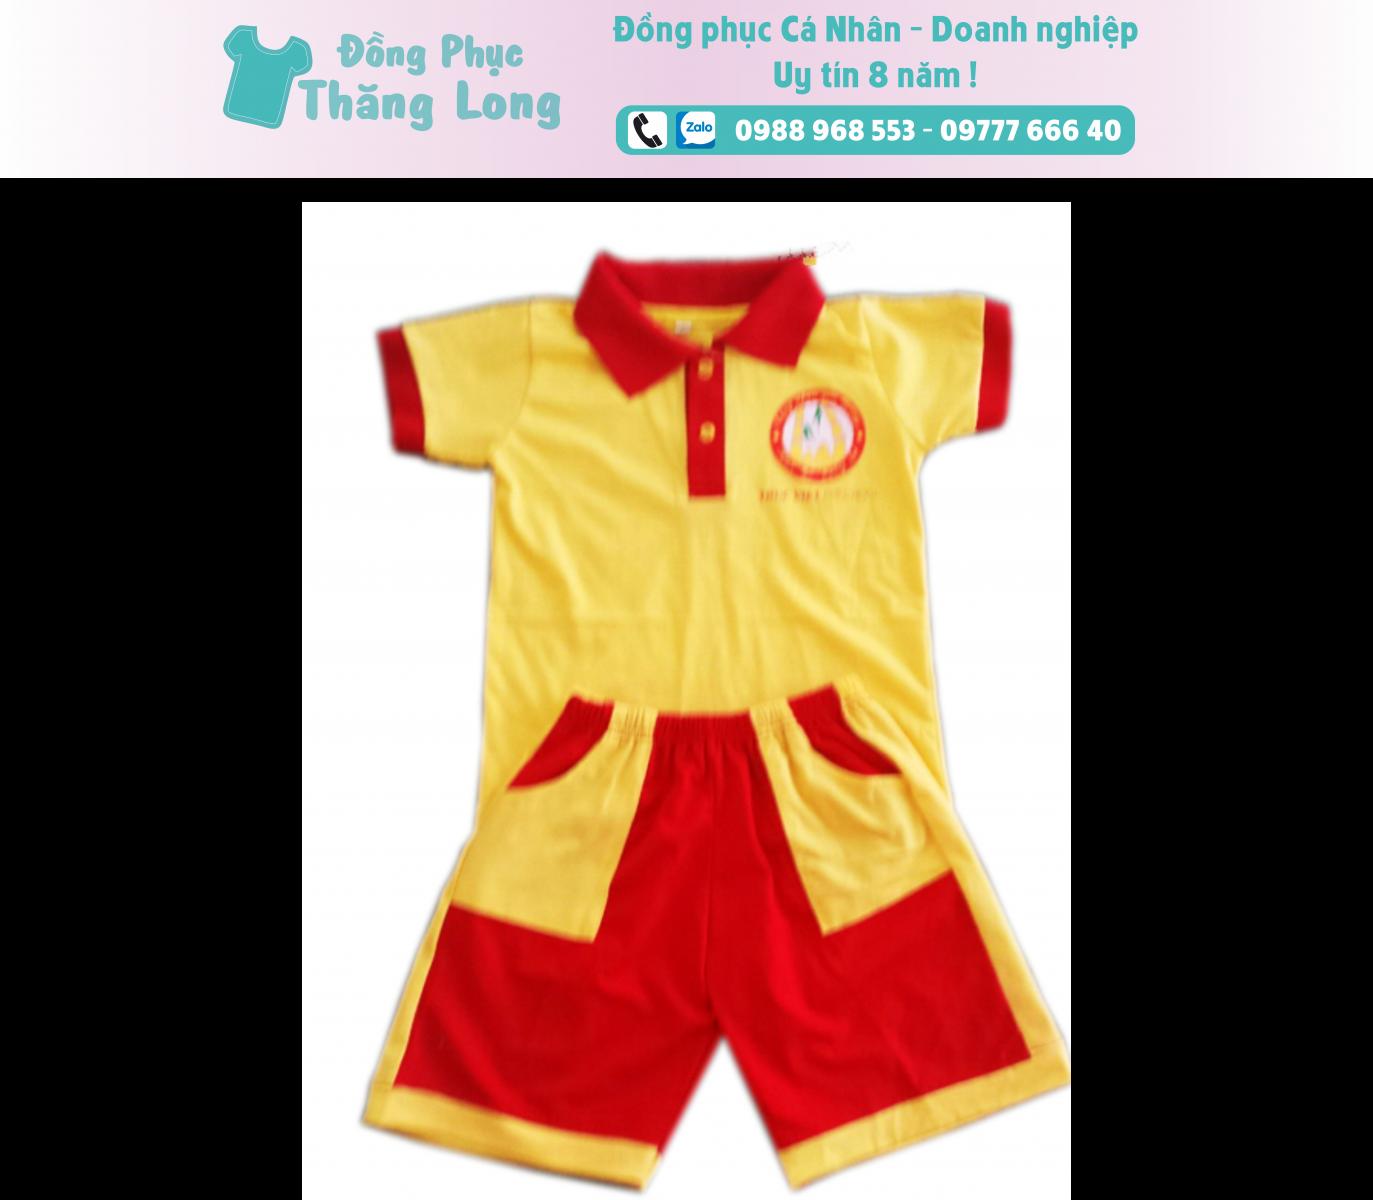 Đồng phục học sinh mẫu 008